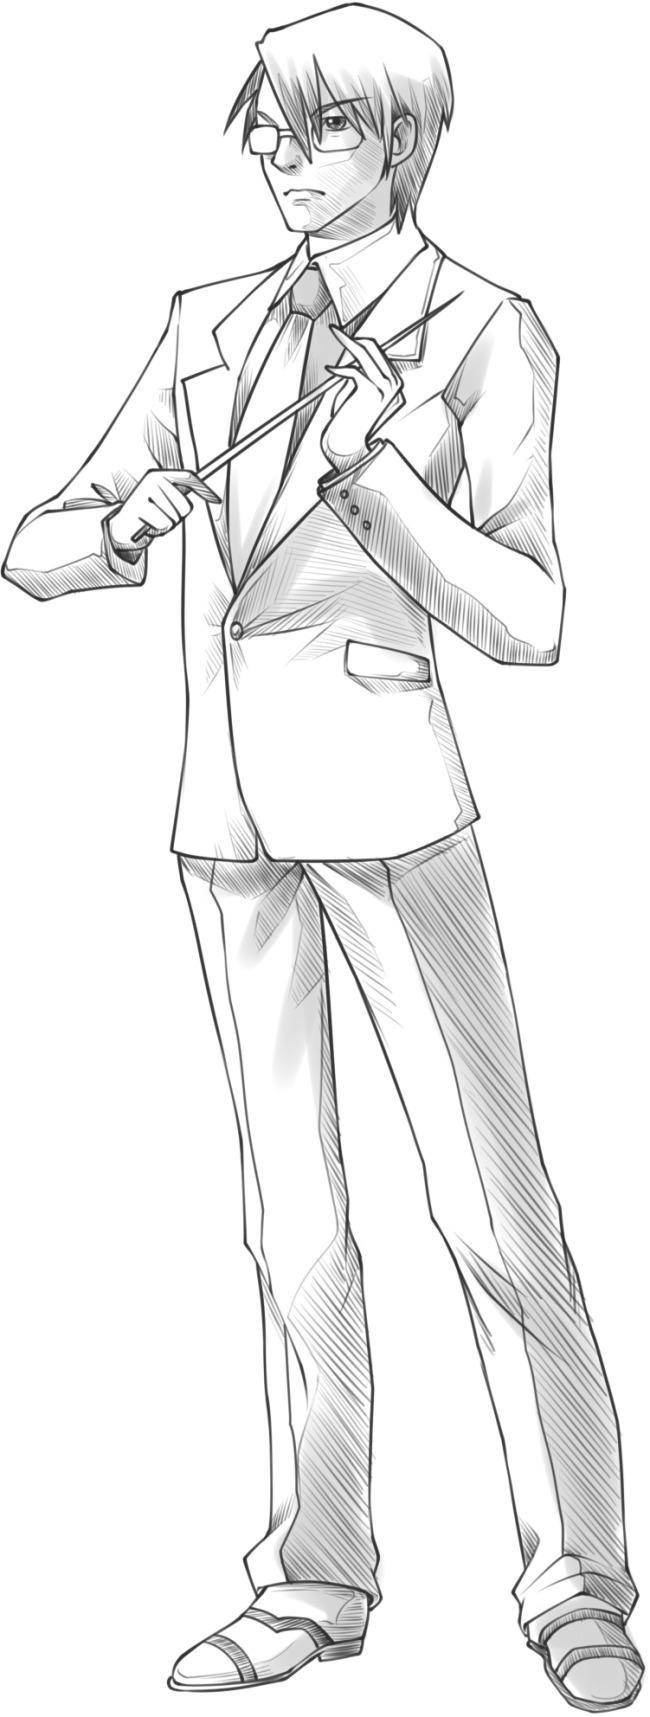 西装眼镜男教师 西装眼镜男教师免费下载 动漫素材 临摹 手绘素材